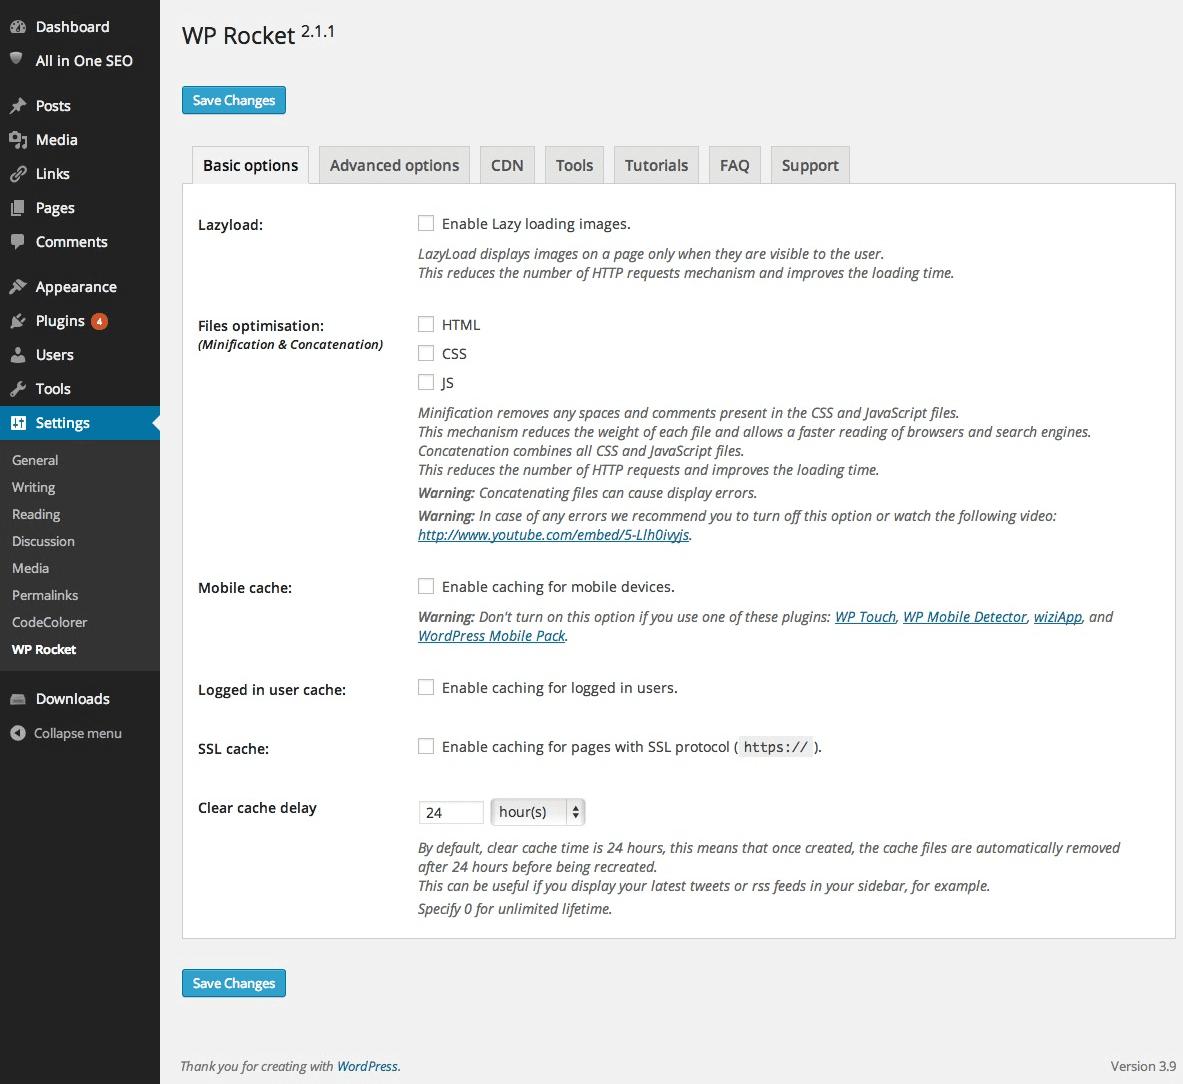 WP Rocket - Plugin for WordPress